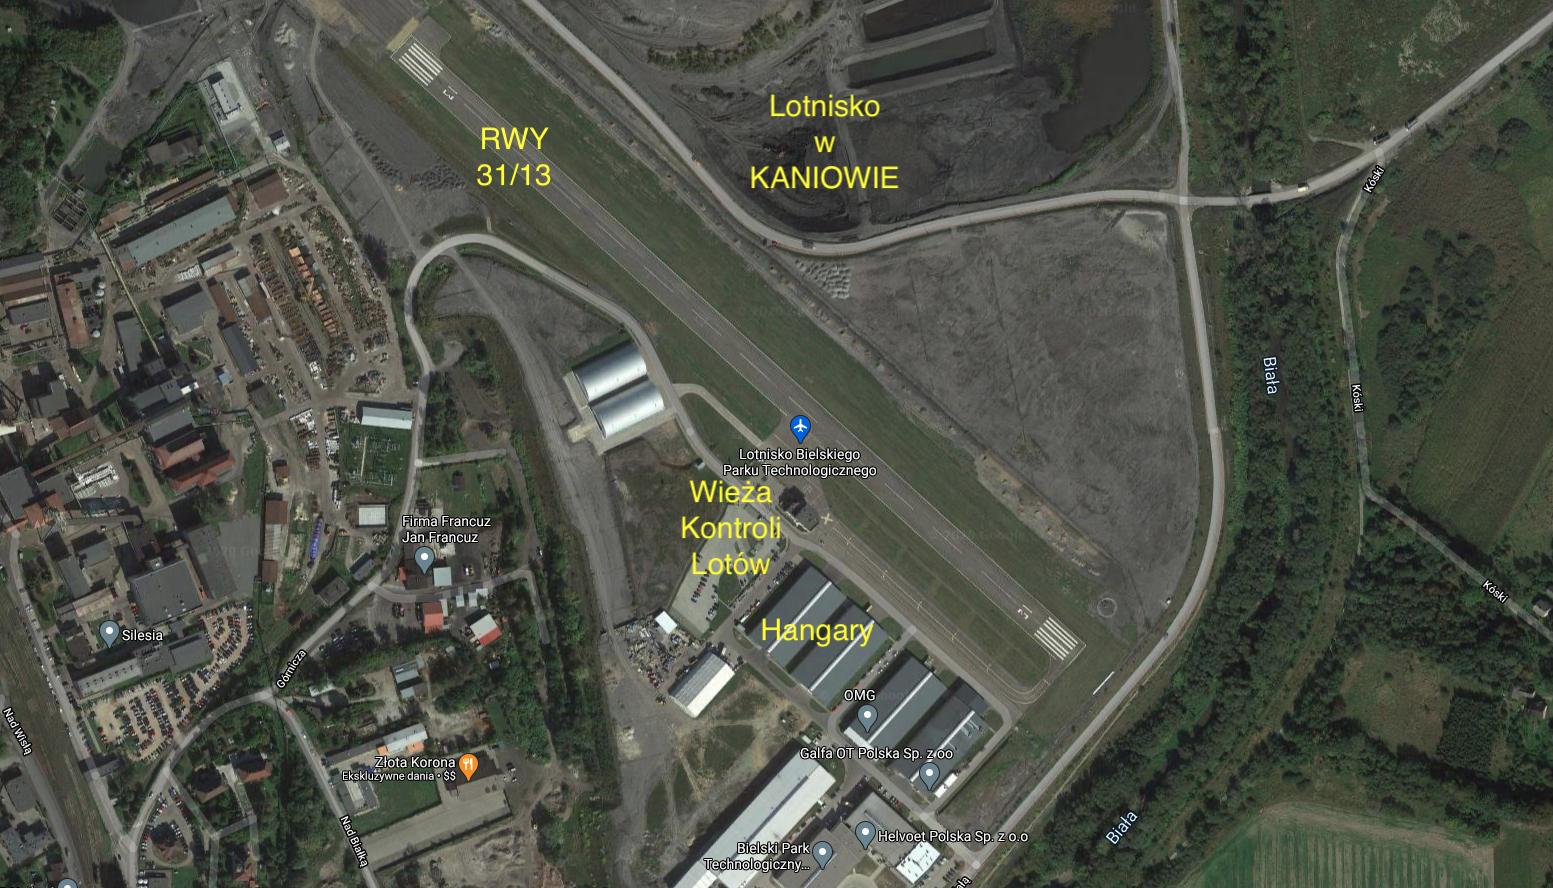 Kaniów airport. 2021 year. Satellite image